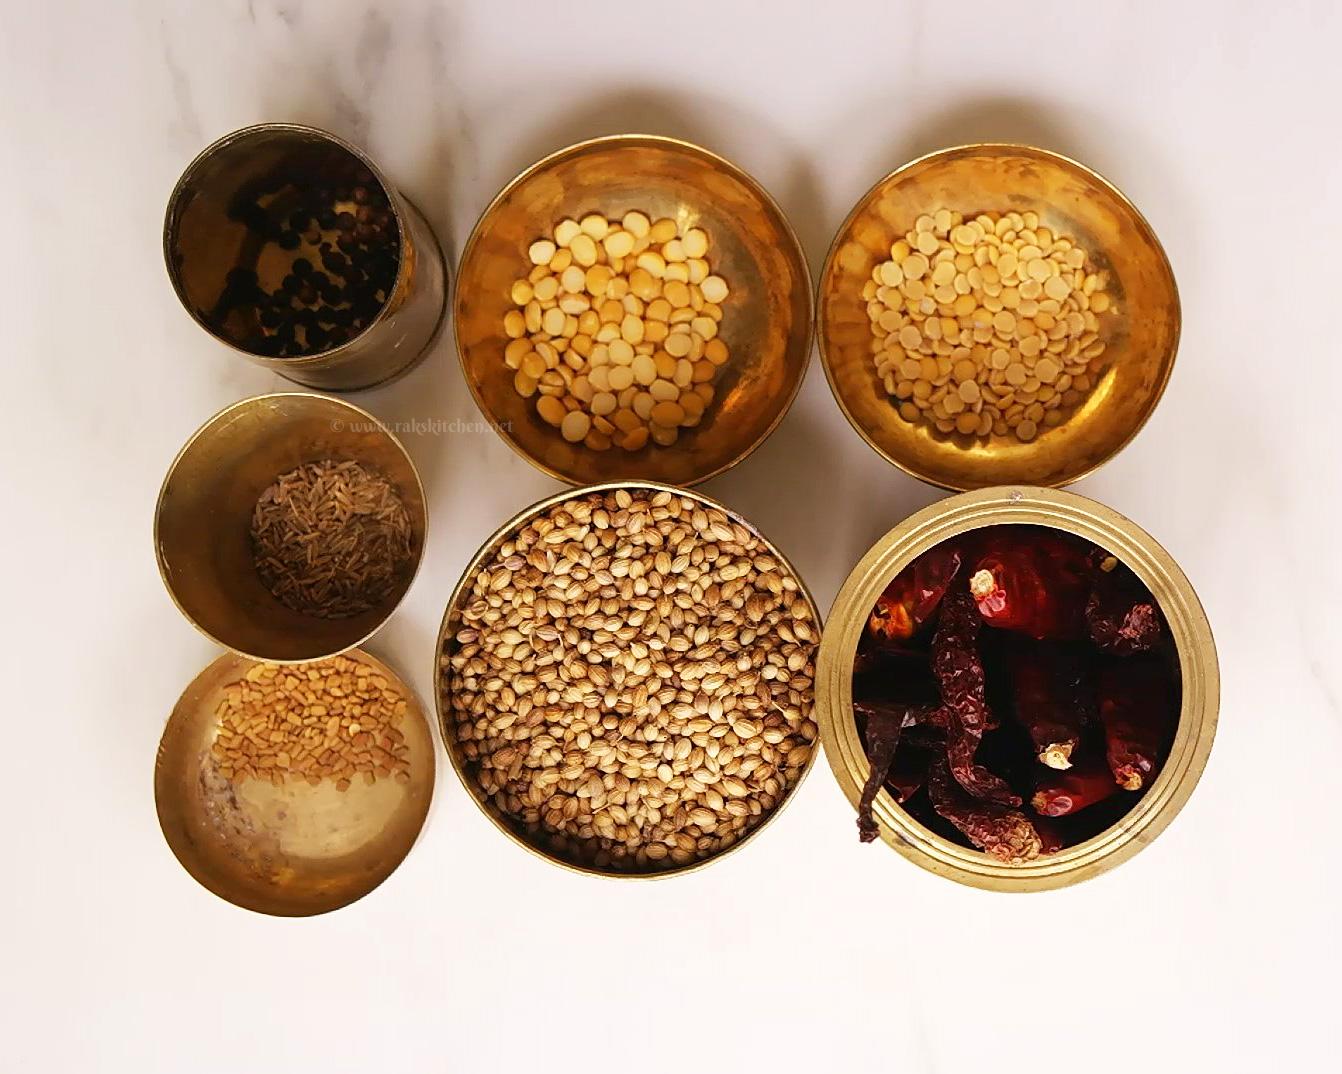 sambar podi ingredients